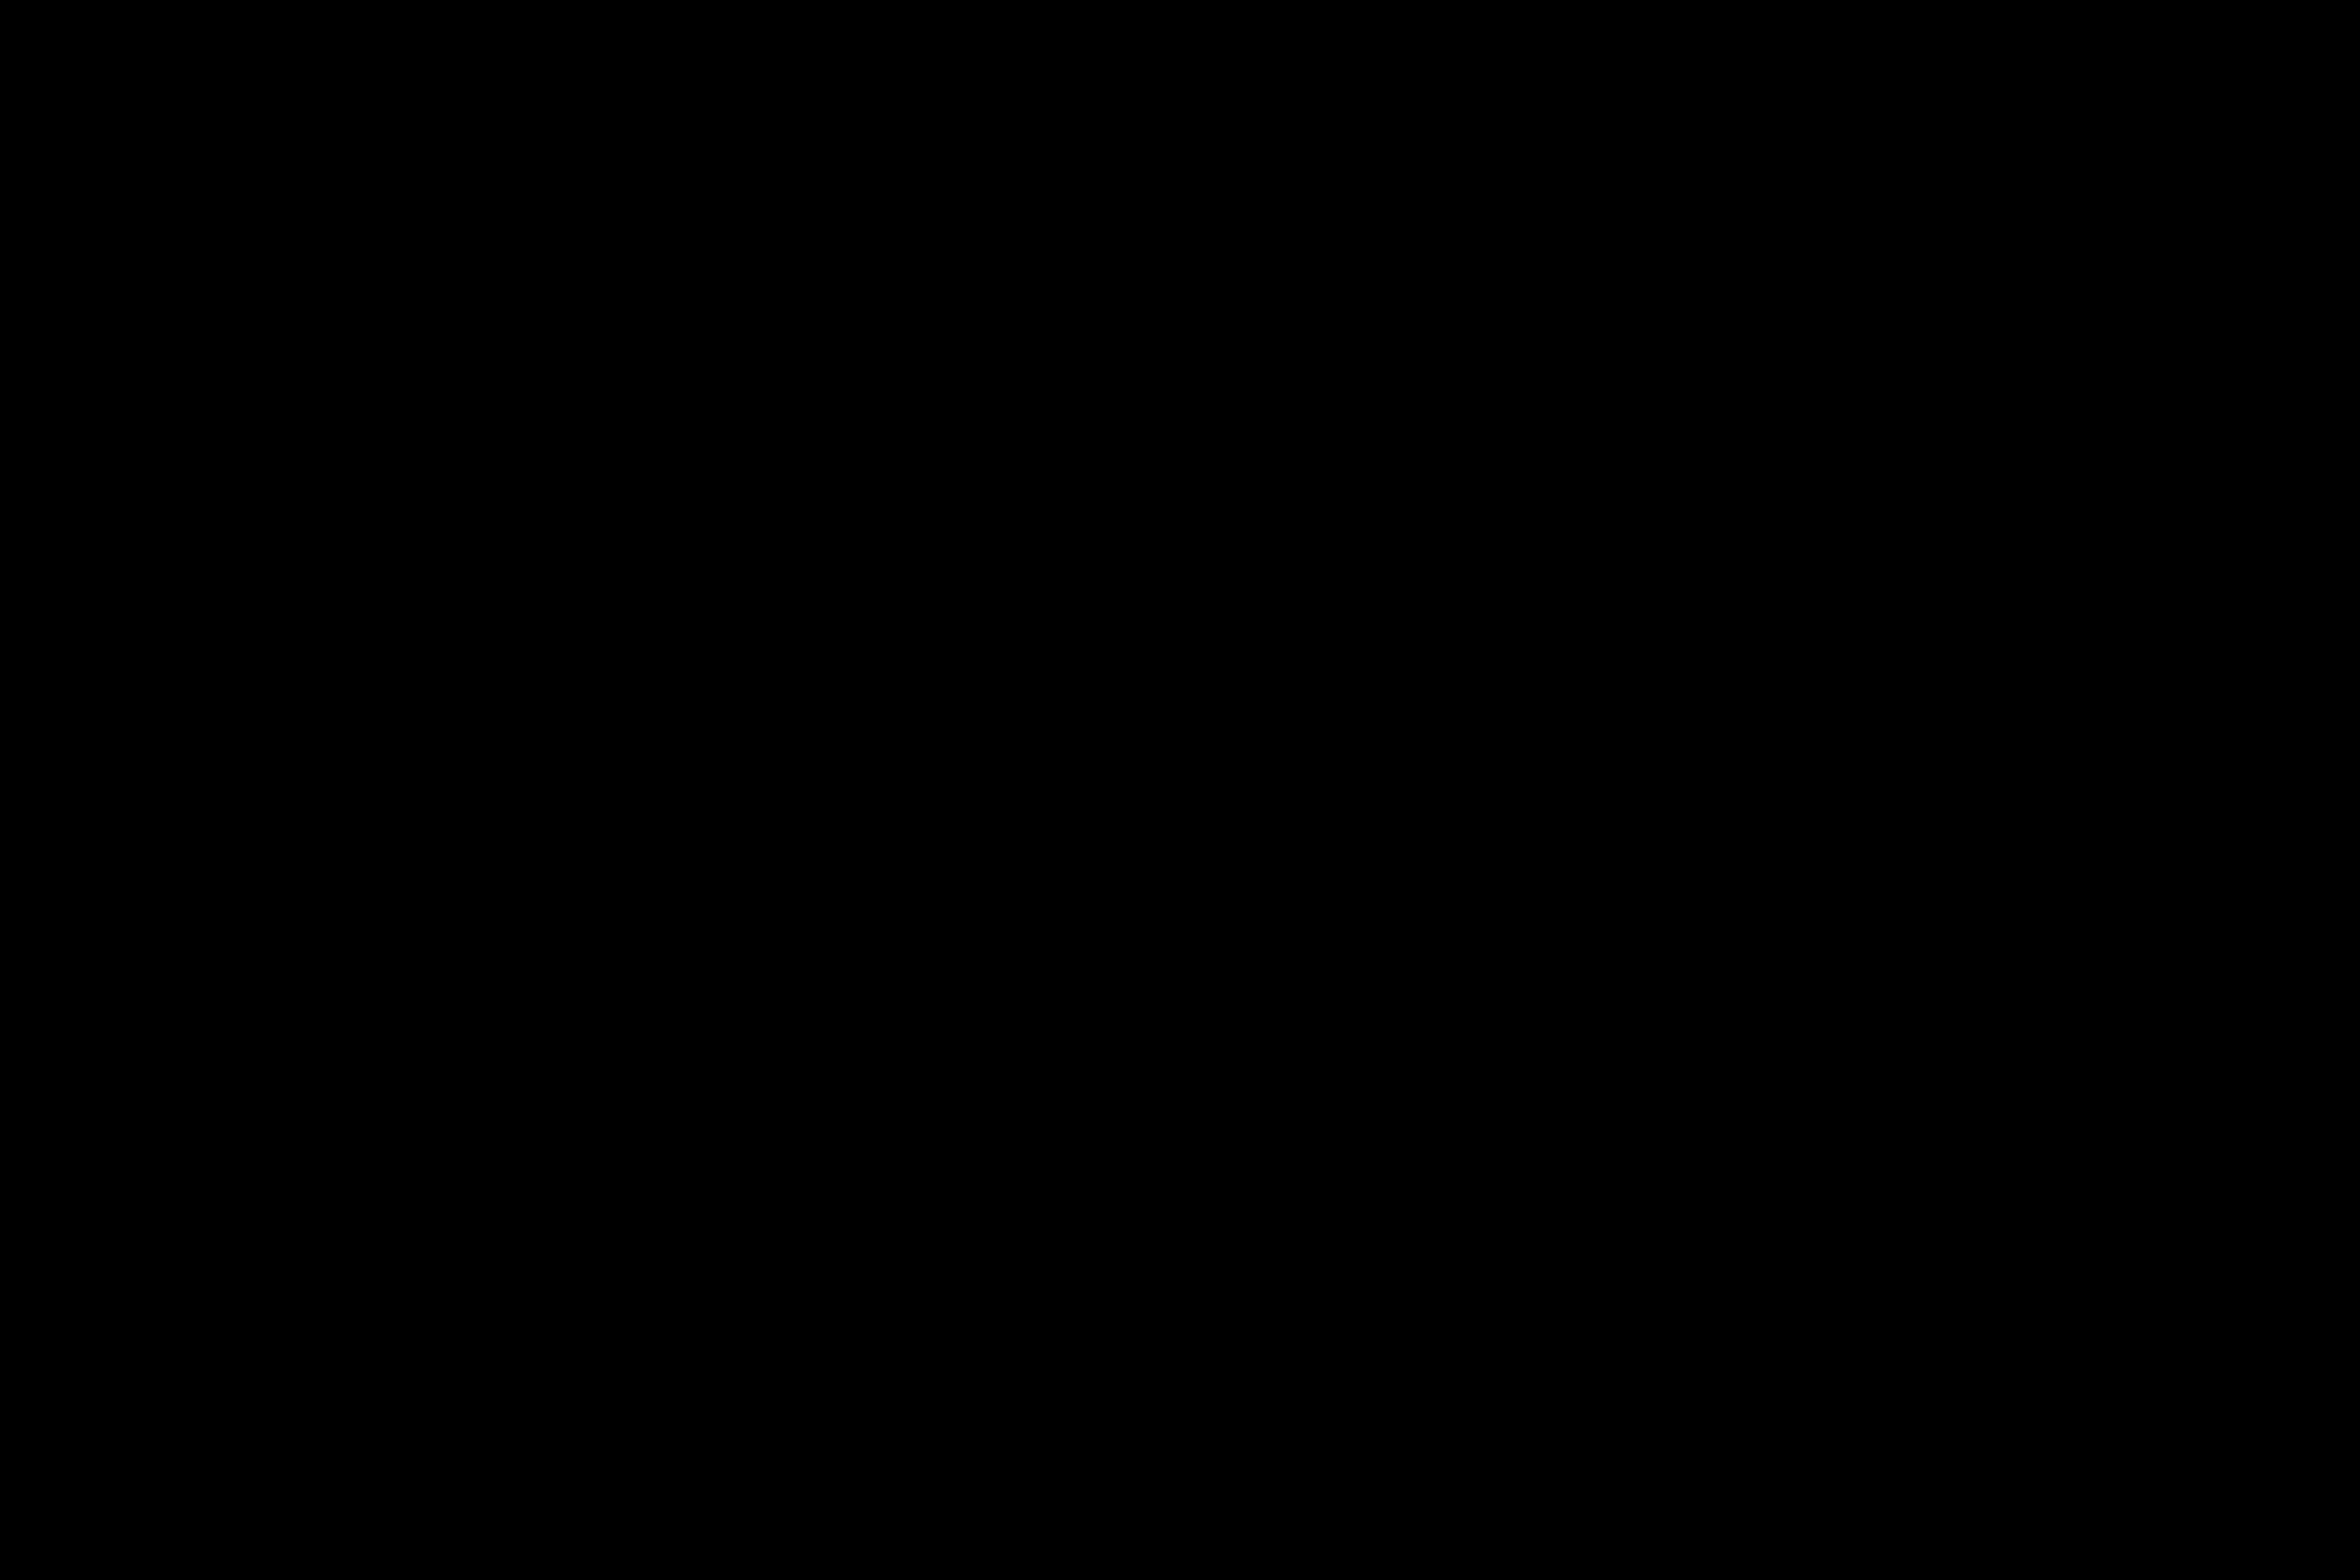 ¿Cómo resolver una deuda con el banco?